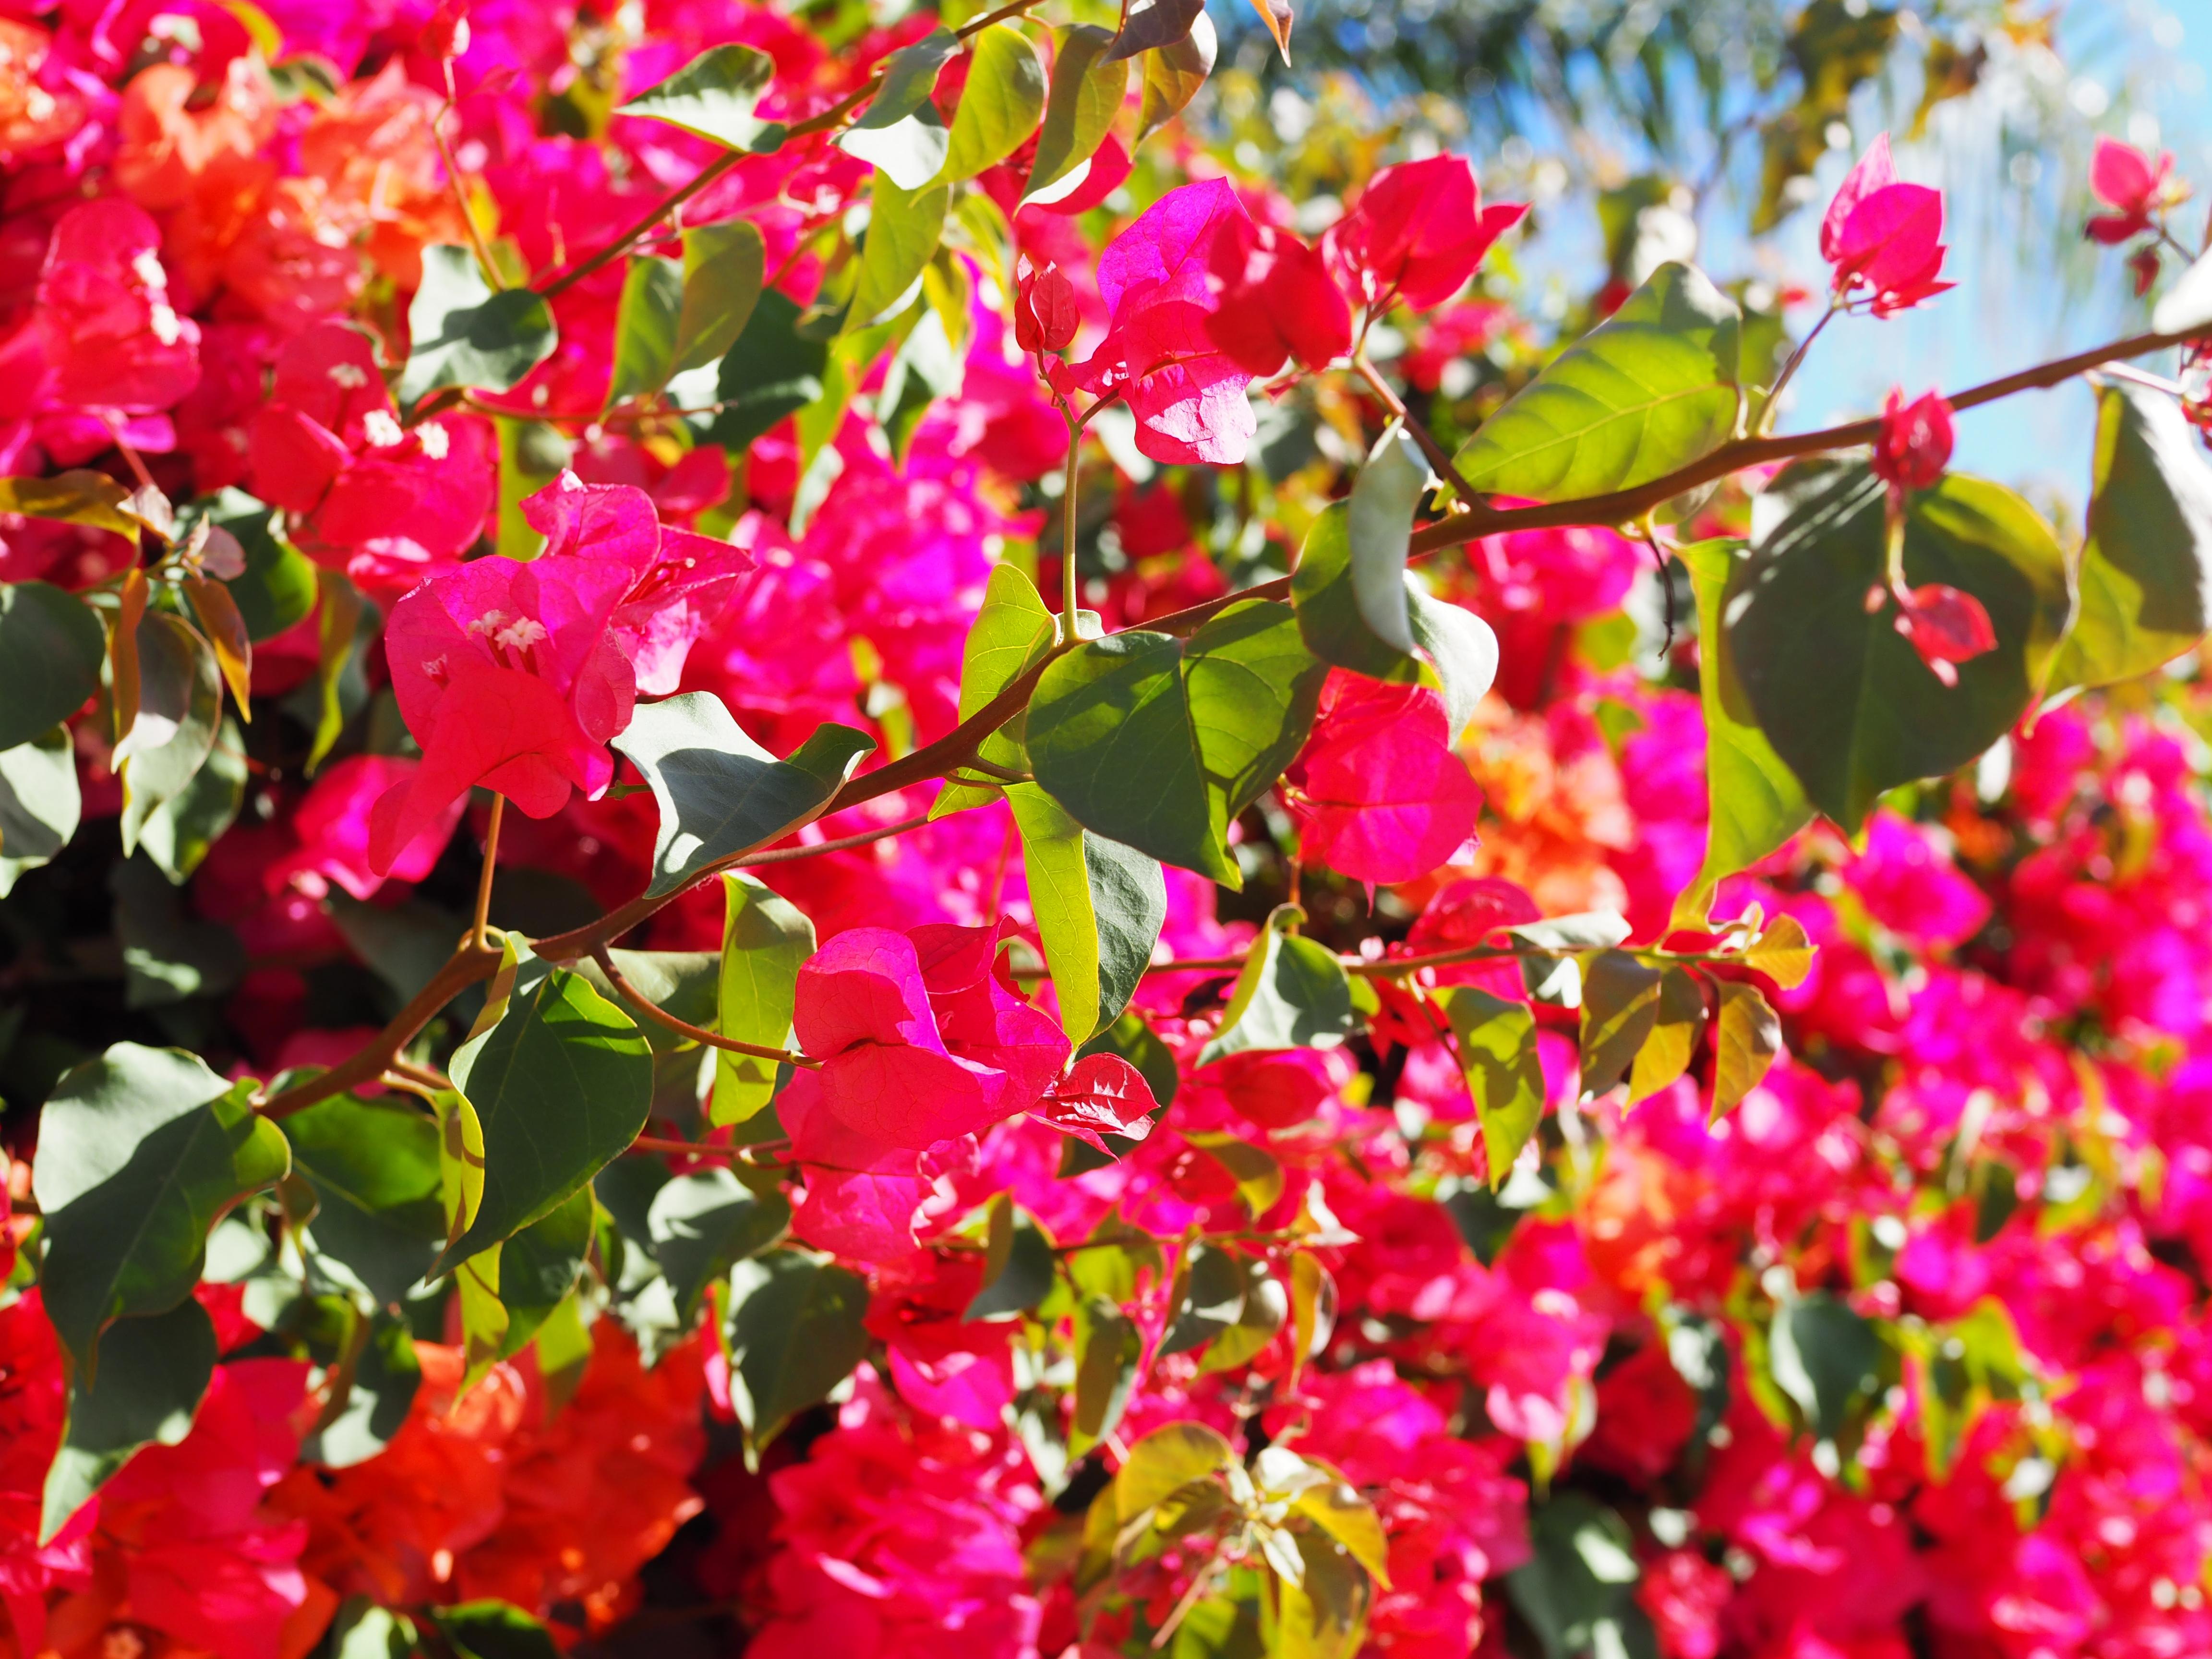 Kauniita kukkia oli runsaasti!